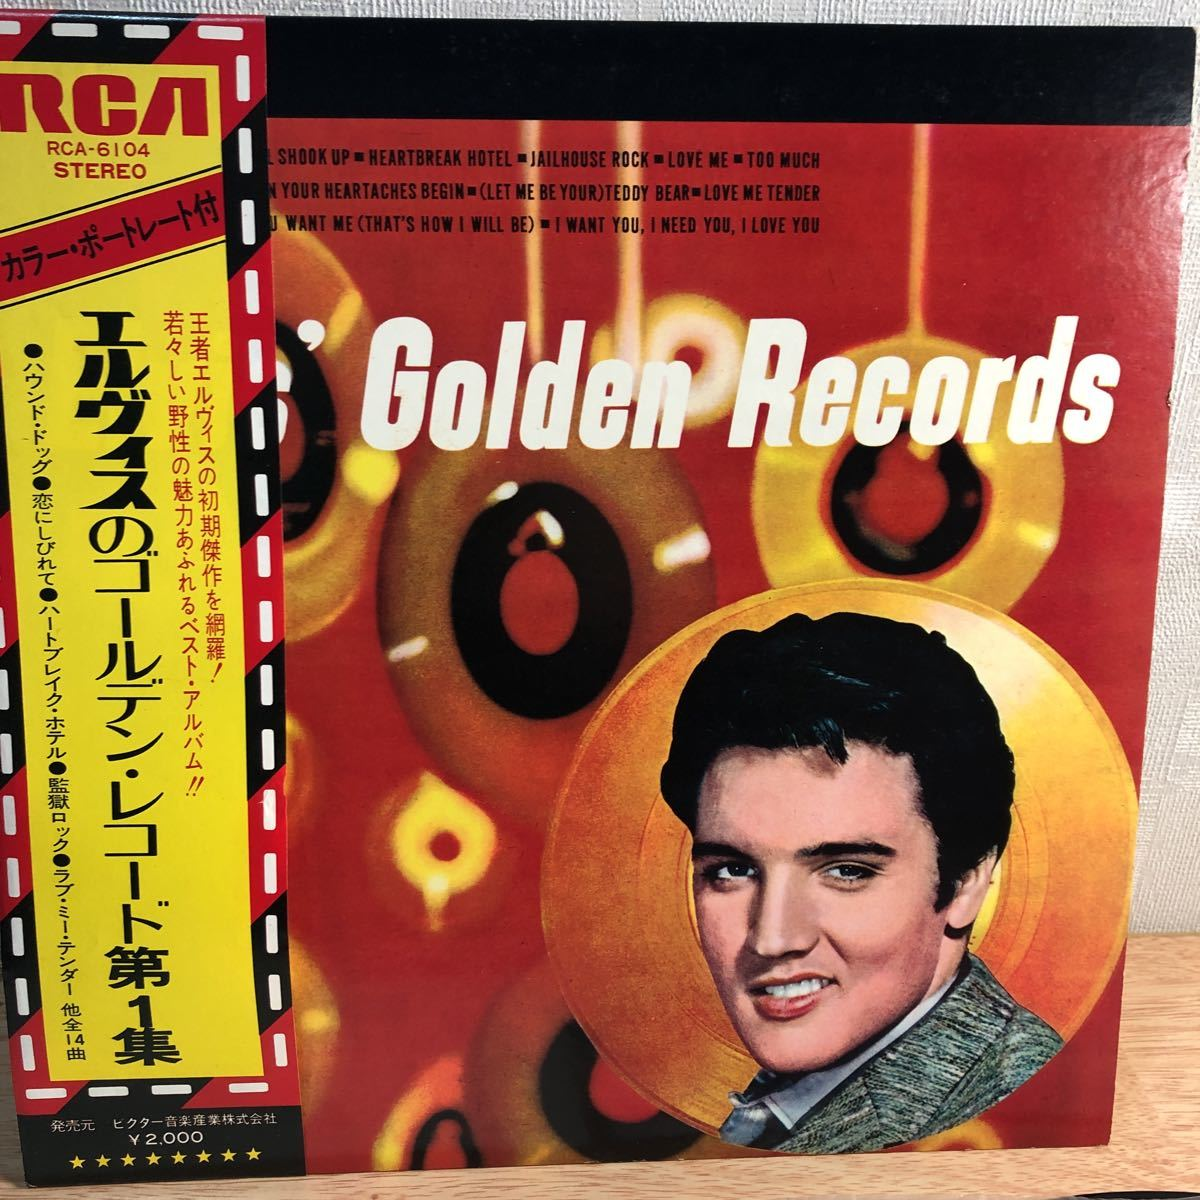 レア盤★LPレコード★エルヴィス・プレスリー★エルヴィスのゴールデン・レコード第1集★ 是非この機会に レコード多数出品中_画像1